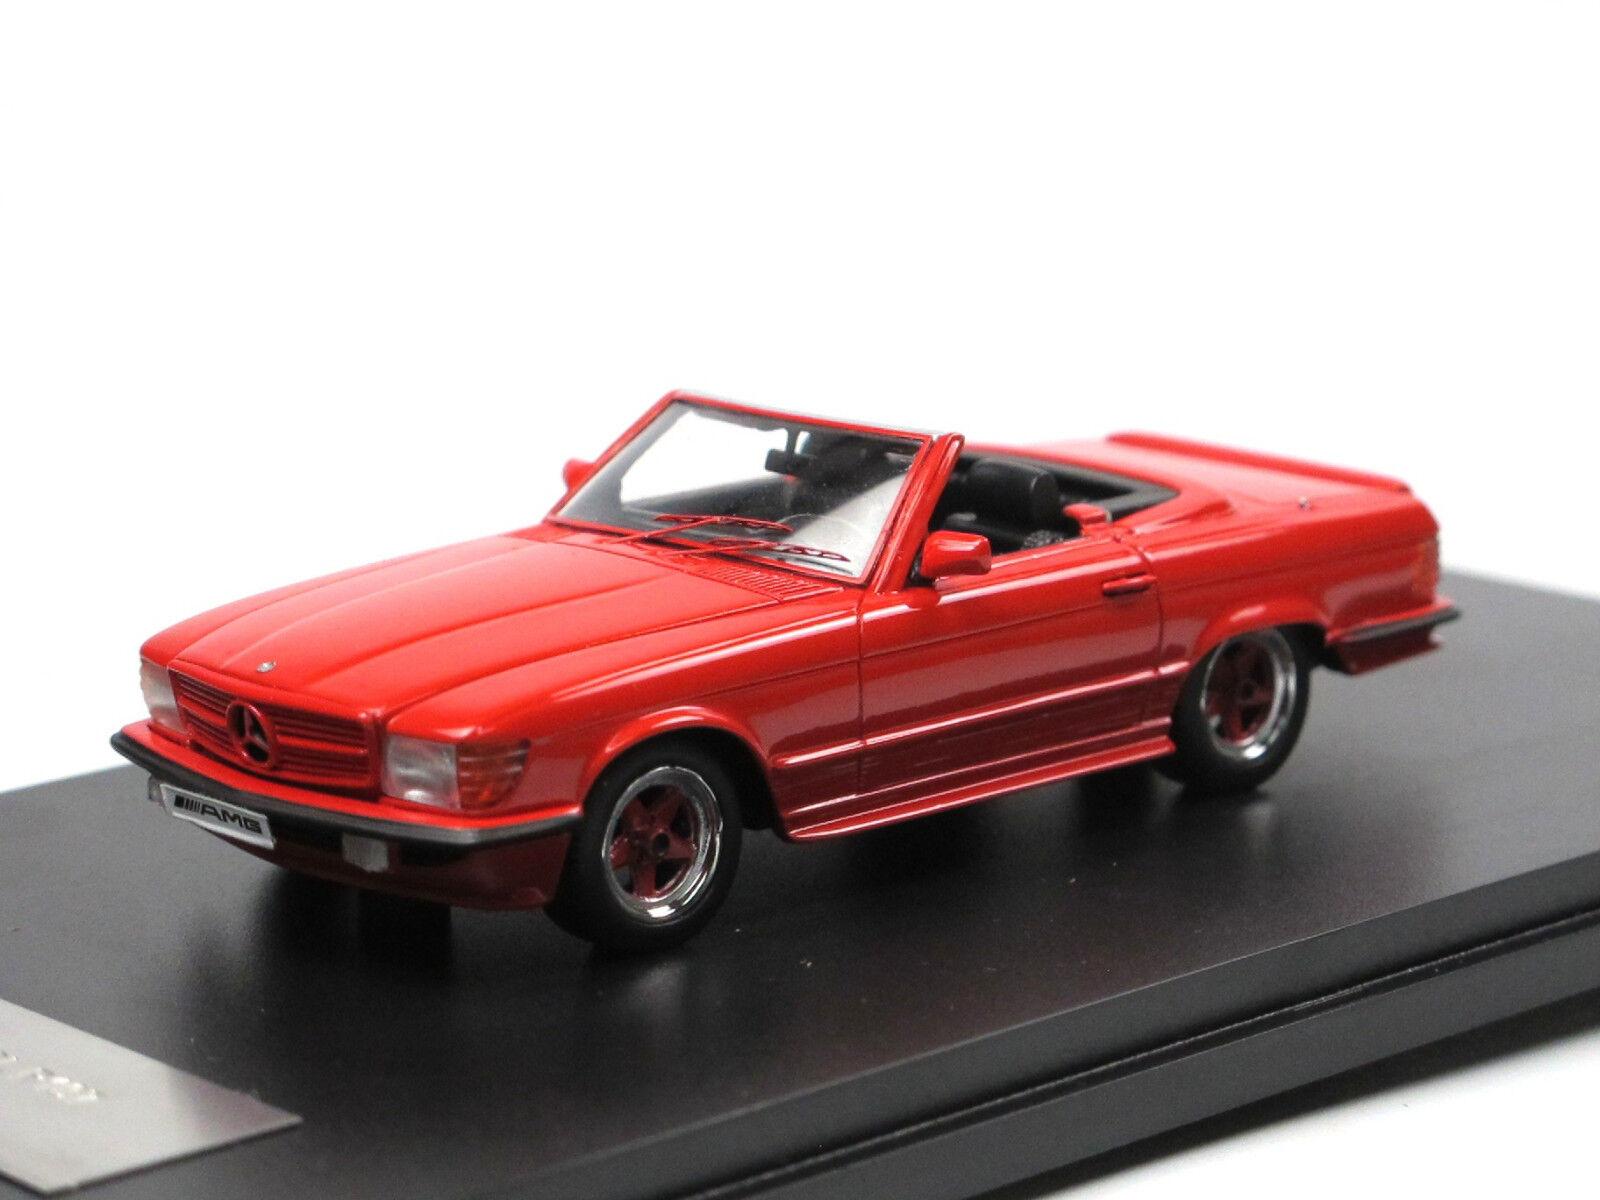 GLM 206101 - 1983 AMG Mercedes-Benz  500 SL (r107) rouge 1 43 RESIN MODEL  excellent prix